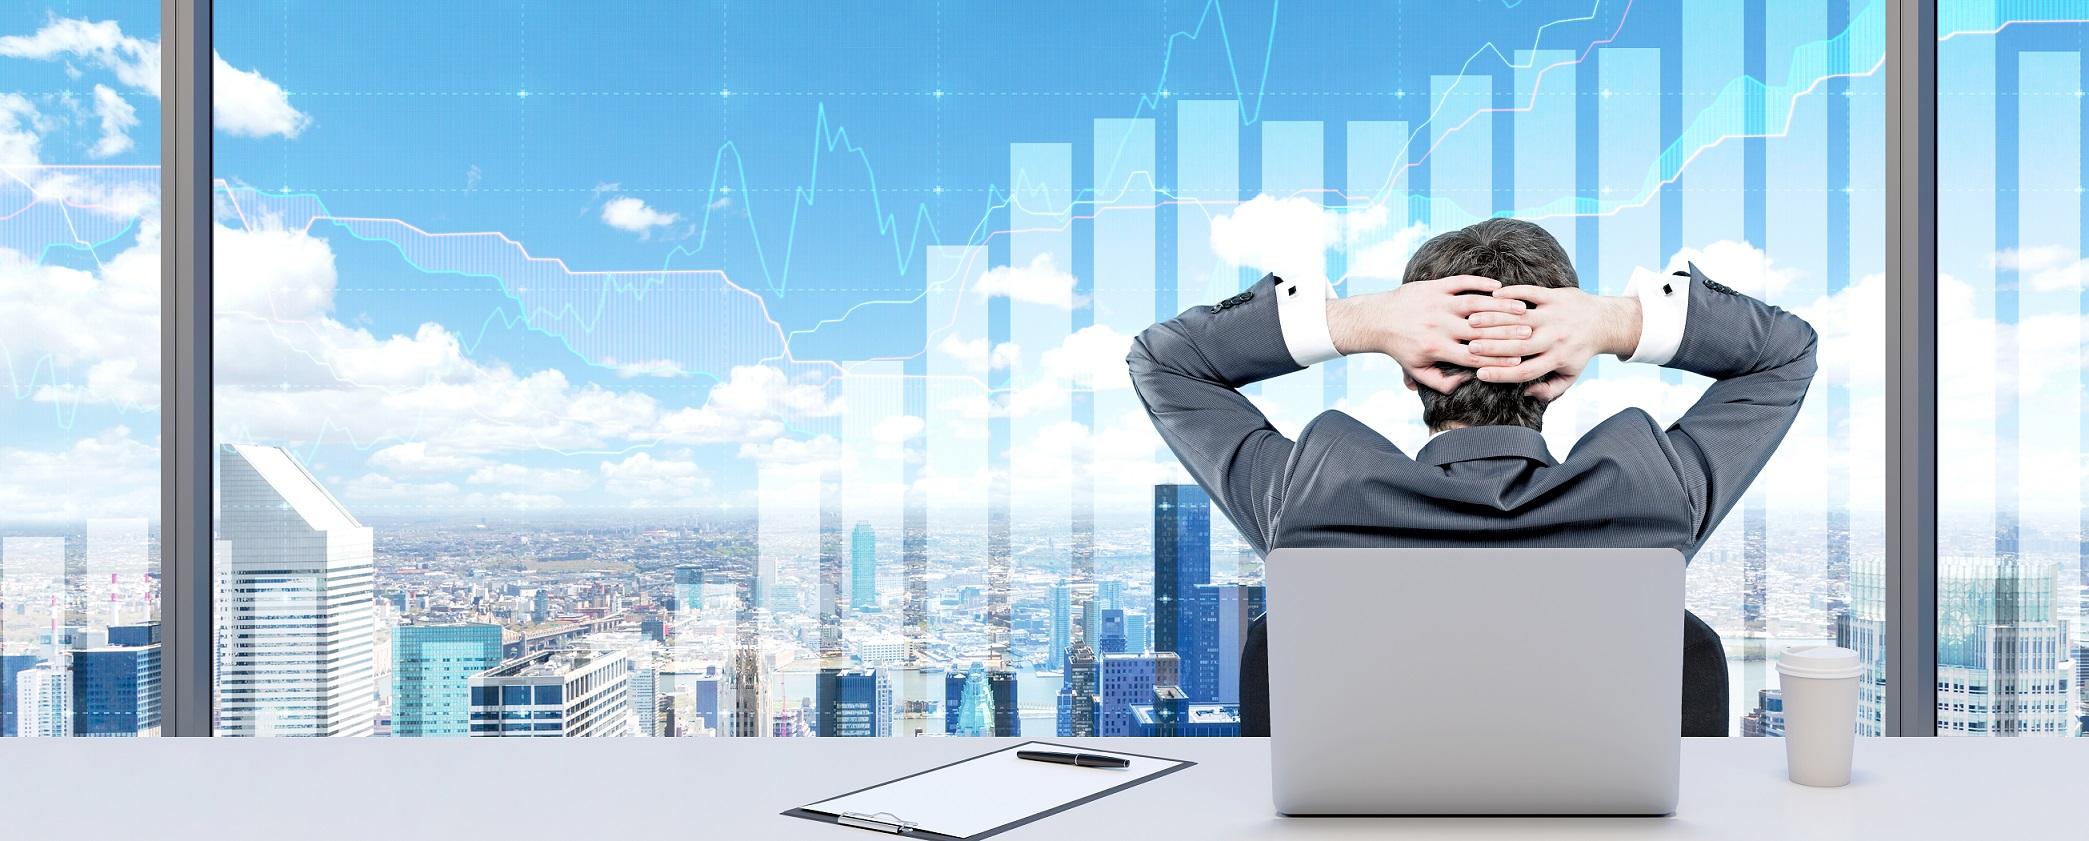 invertir con Cfd, señales de trading en bolsa